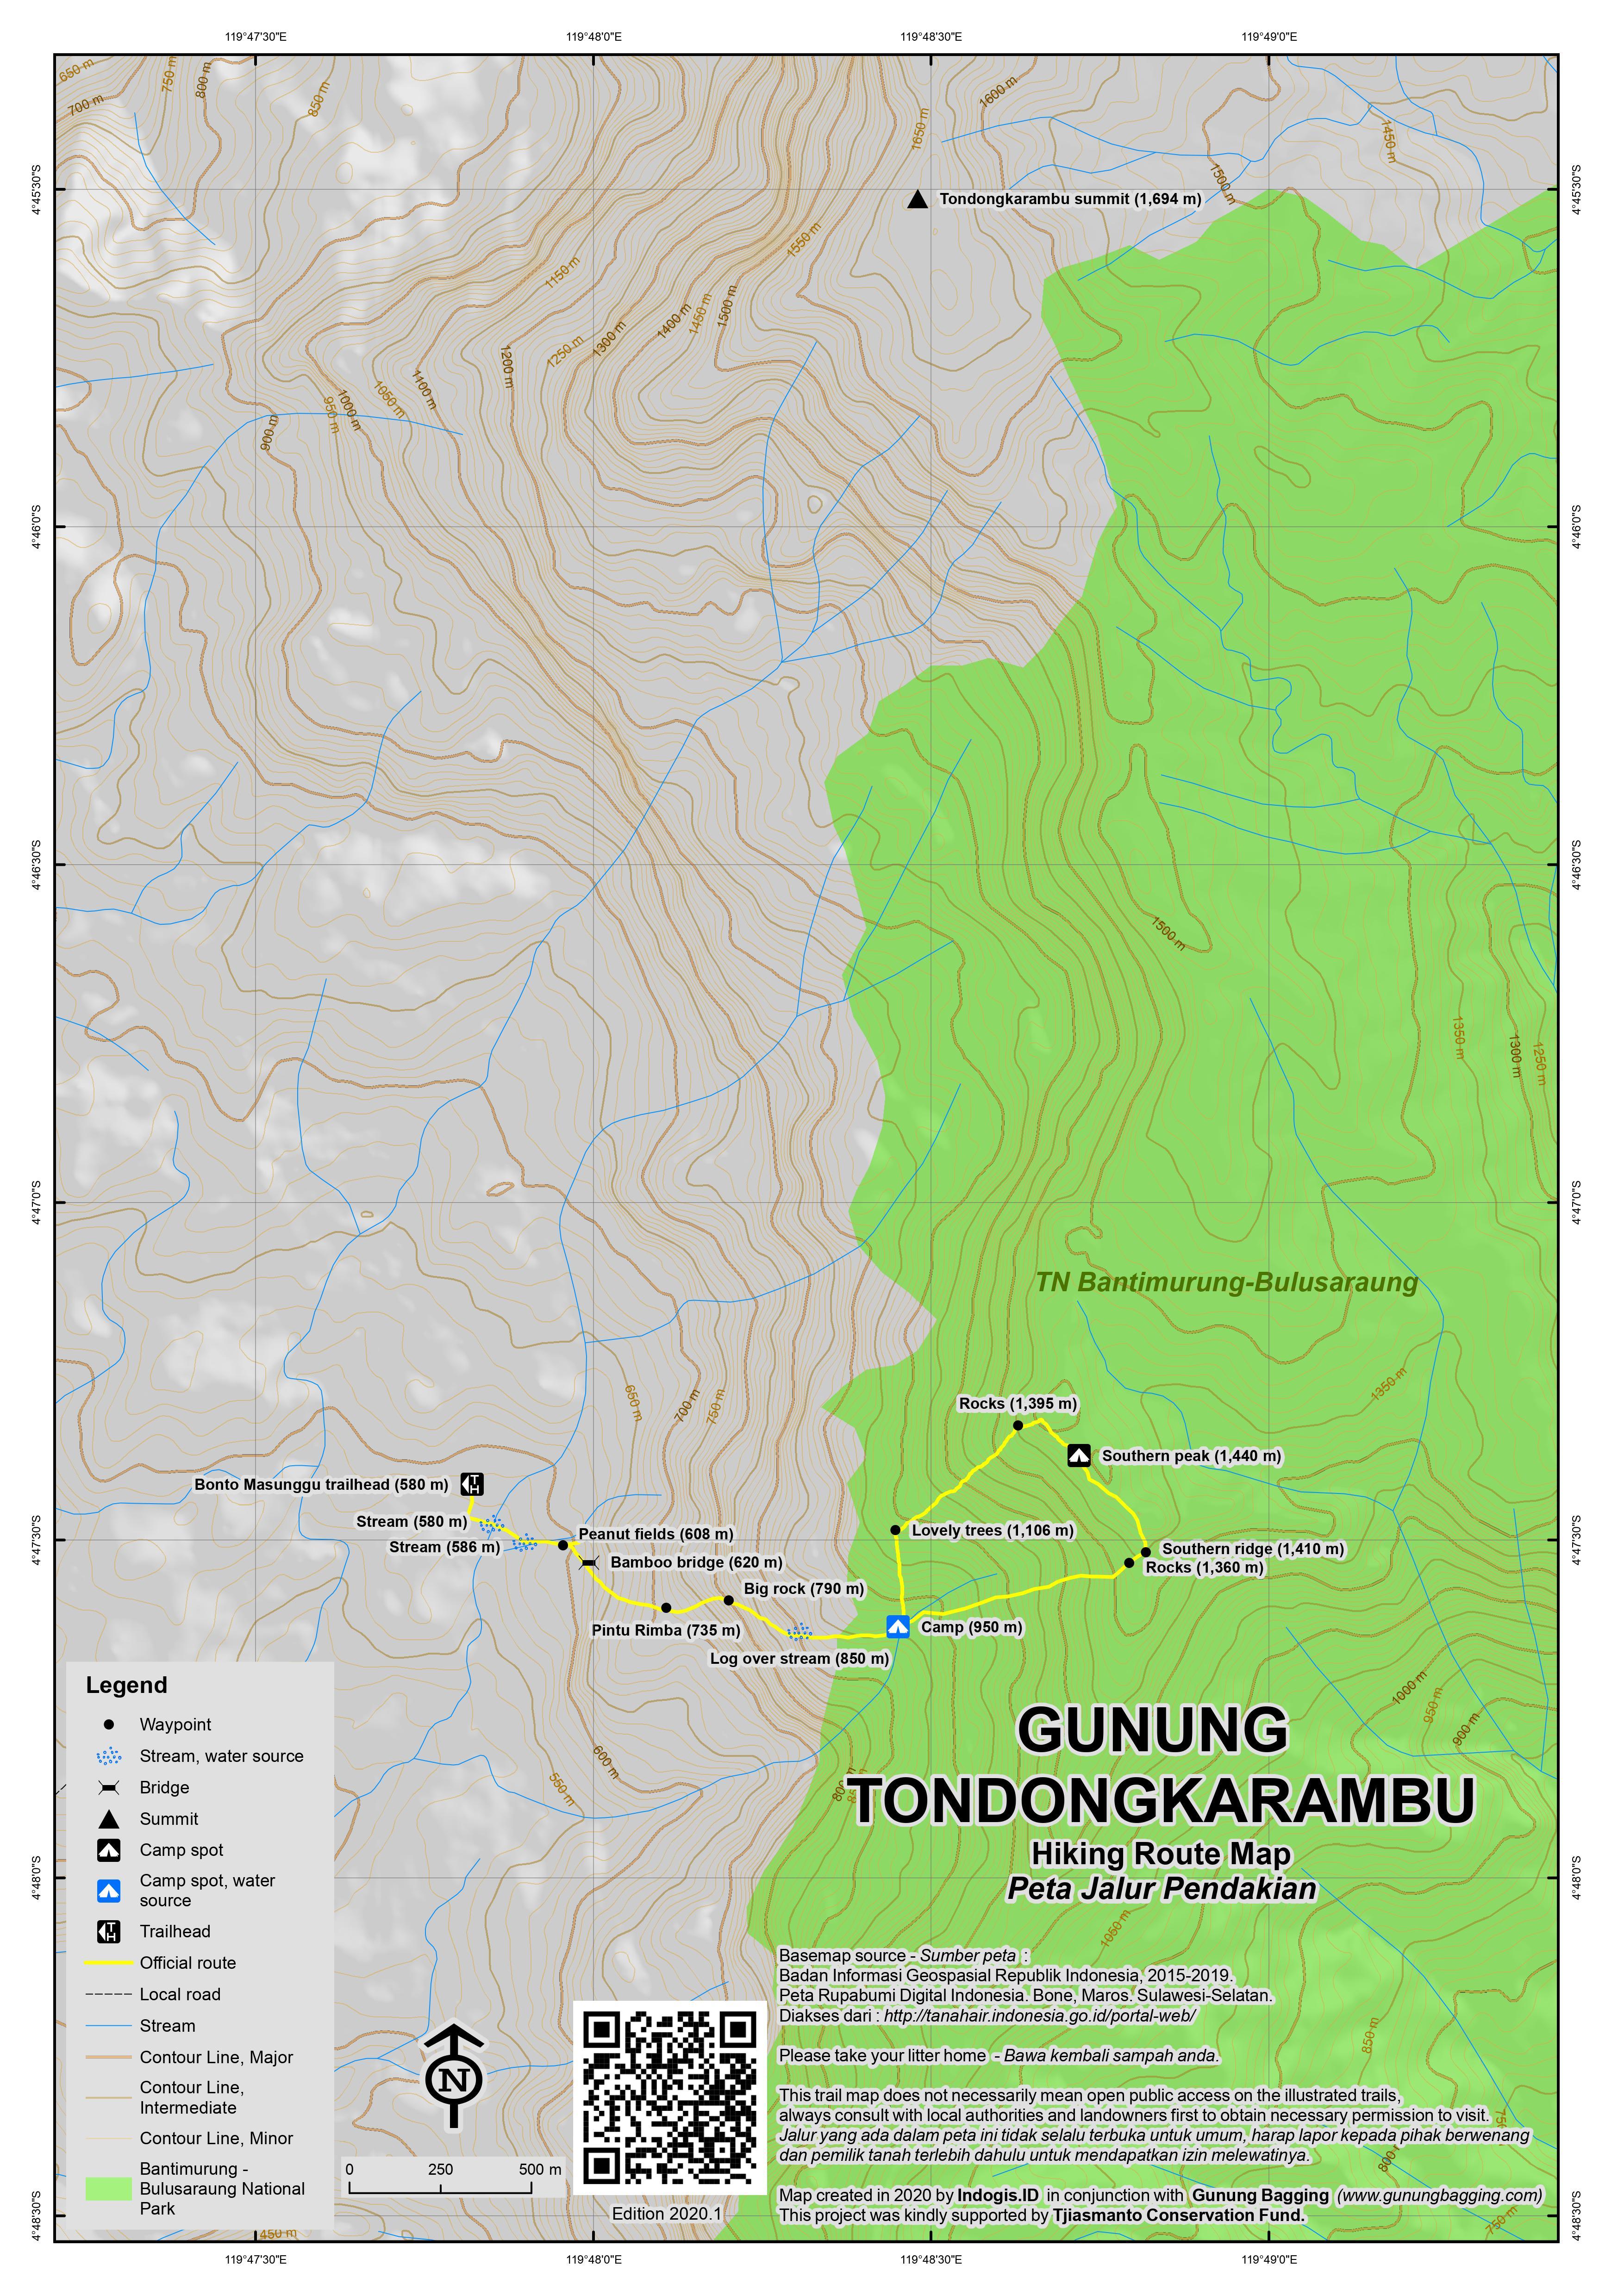 Peta Jalur Pendakian Gunung Tondongkarambu